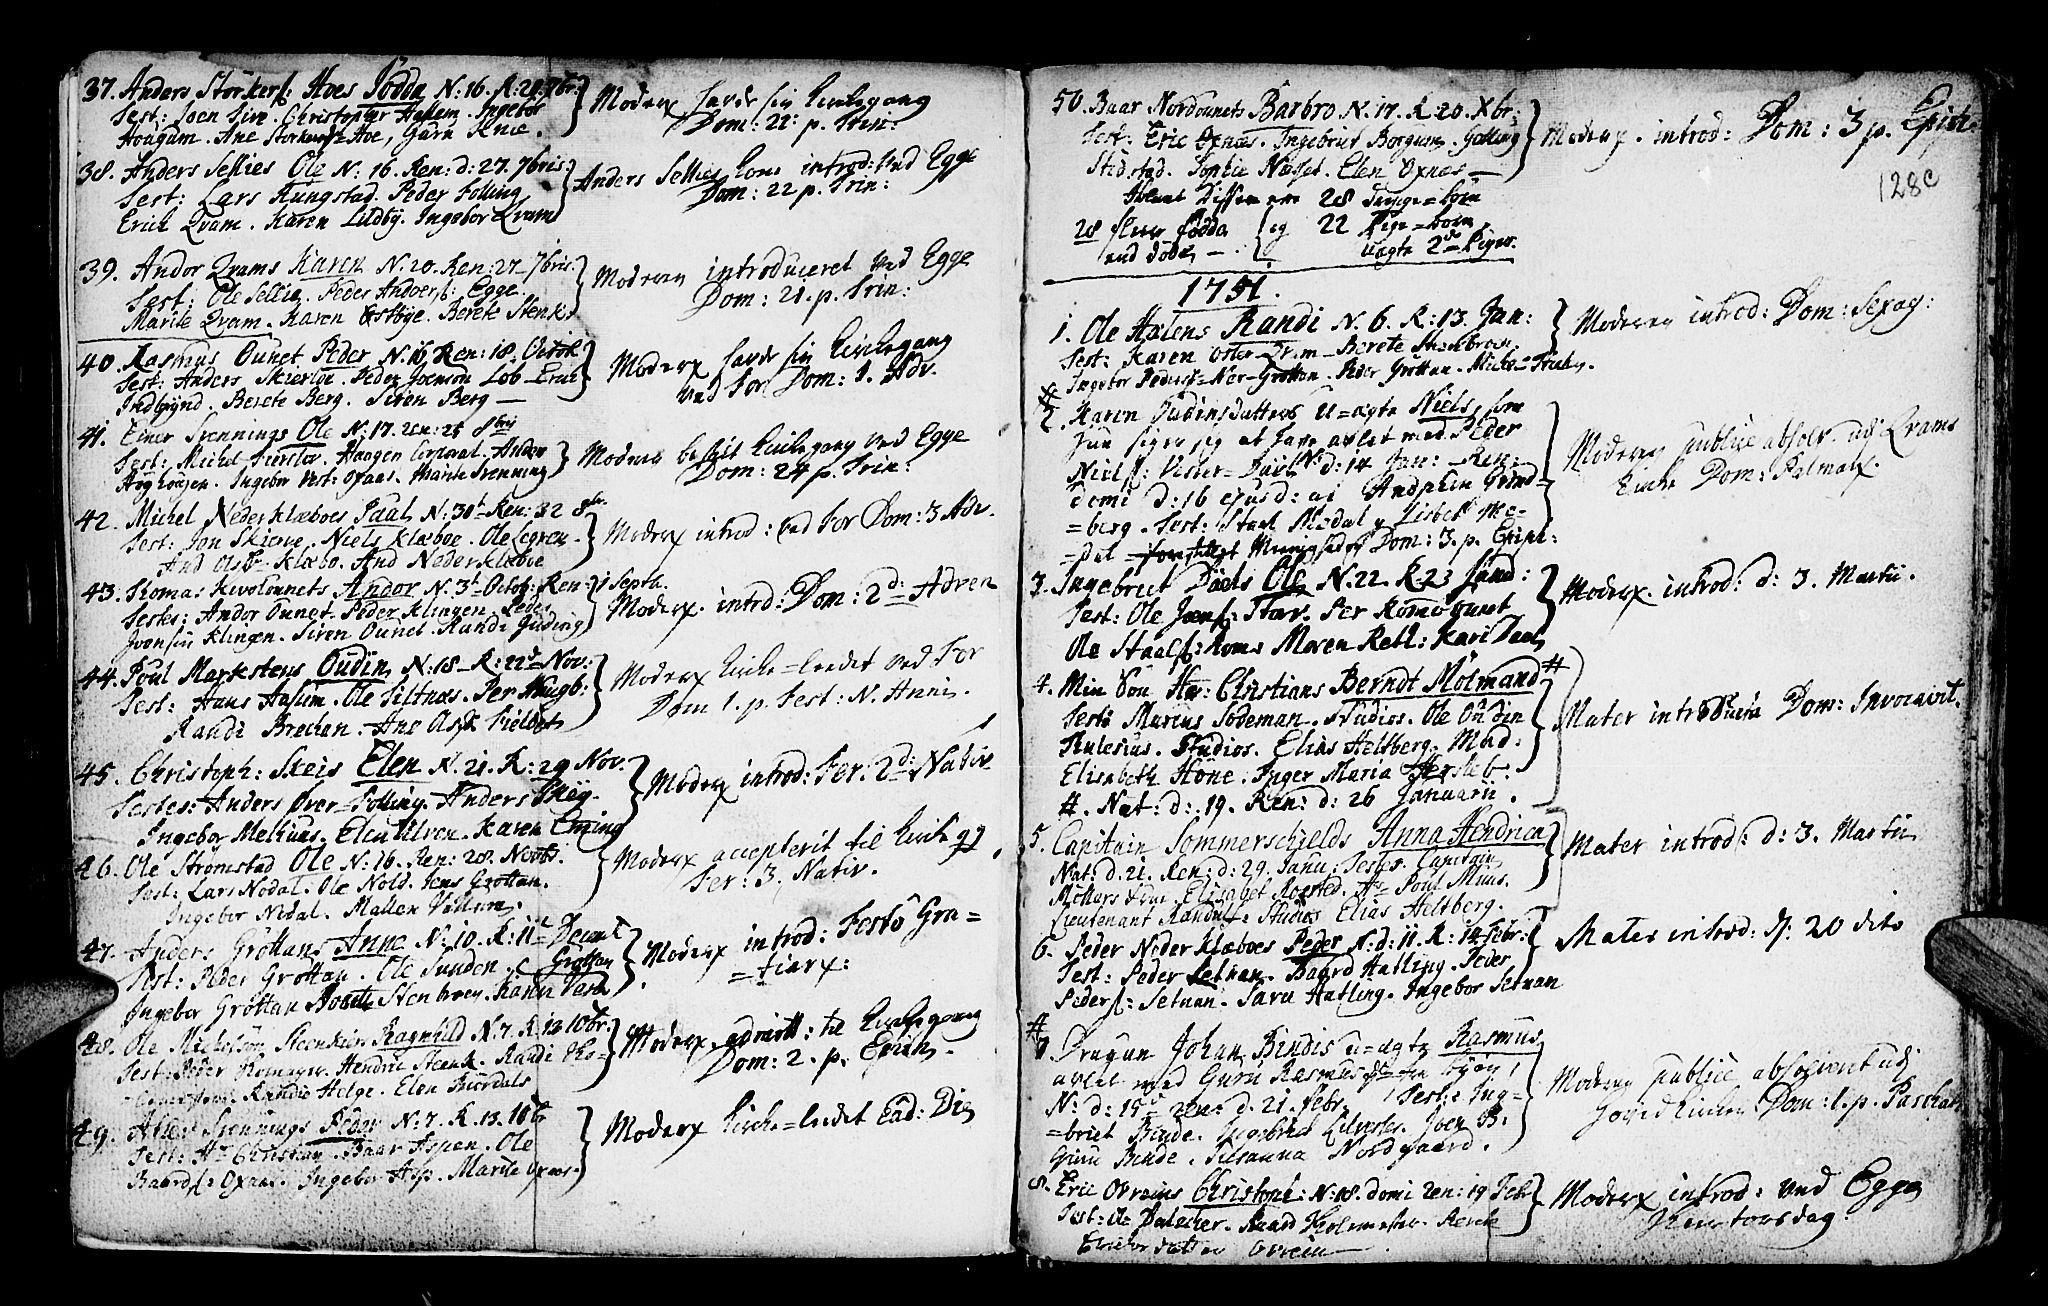 SAT, Ministerialprotokoller, klokkerbøker og fødselsregistre - Nord-Trøndelag, 746/L0439: Ministerialbok nr. 746A01, 1688-1759, s. 128c